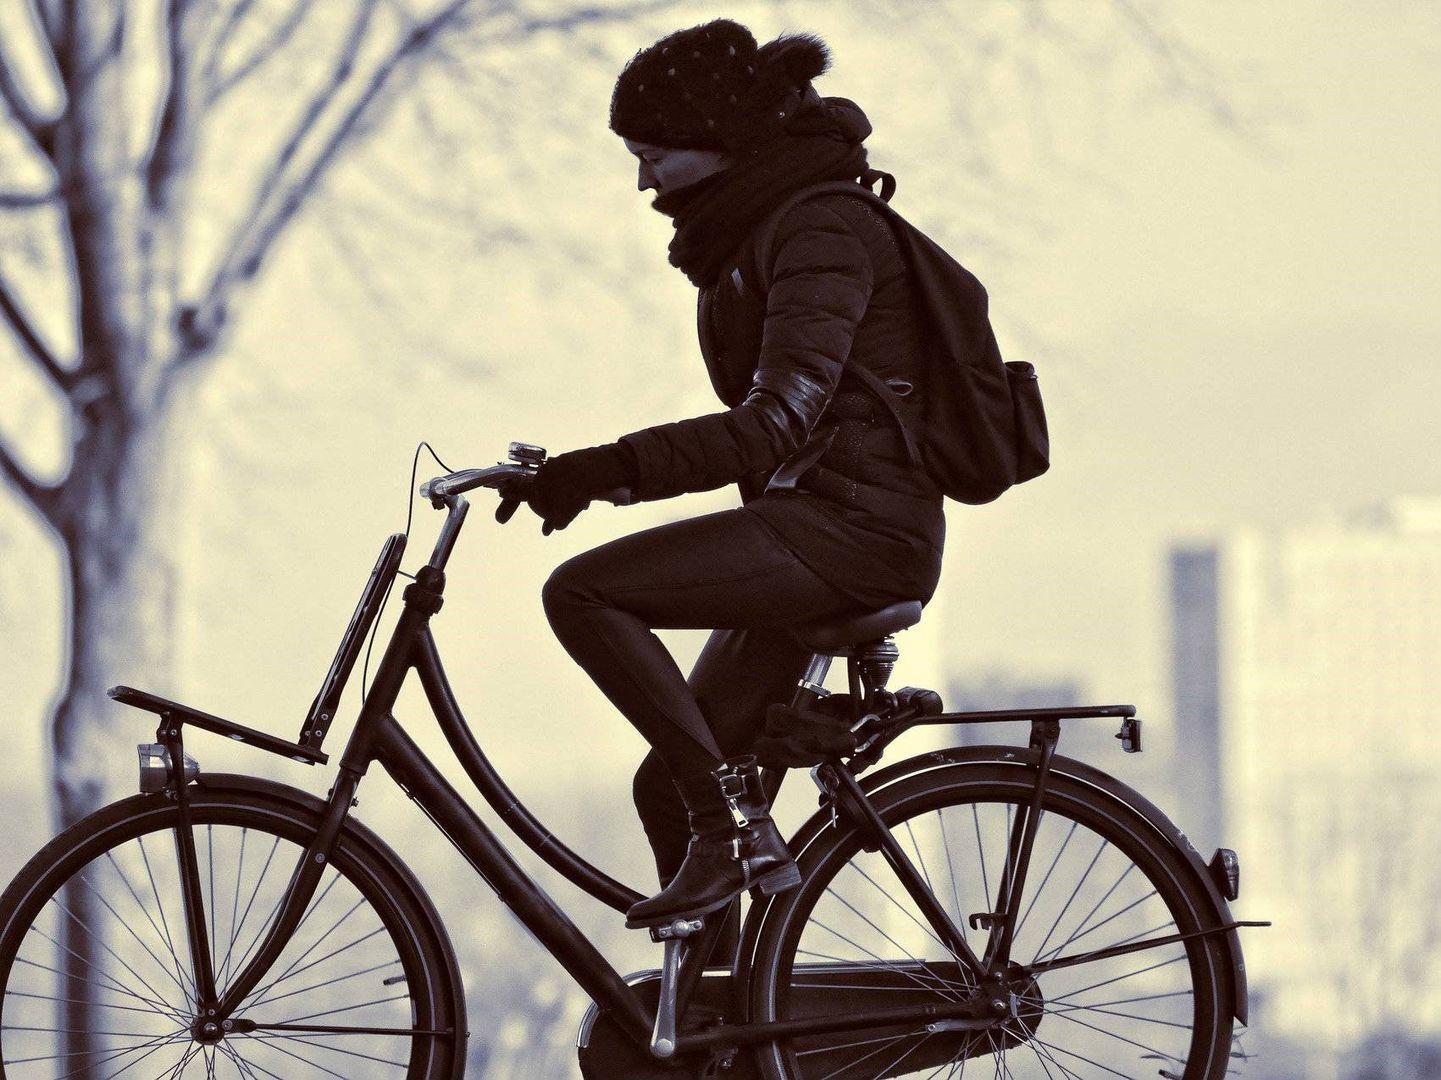 Fietsers zijn zwakke verkeersdeelnemers volgens de Wegenverkeerswet.